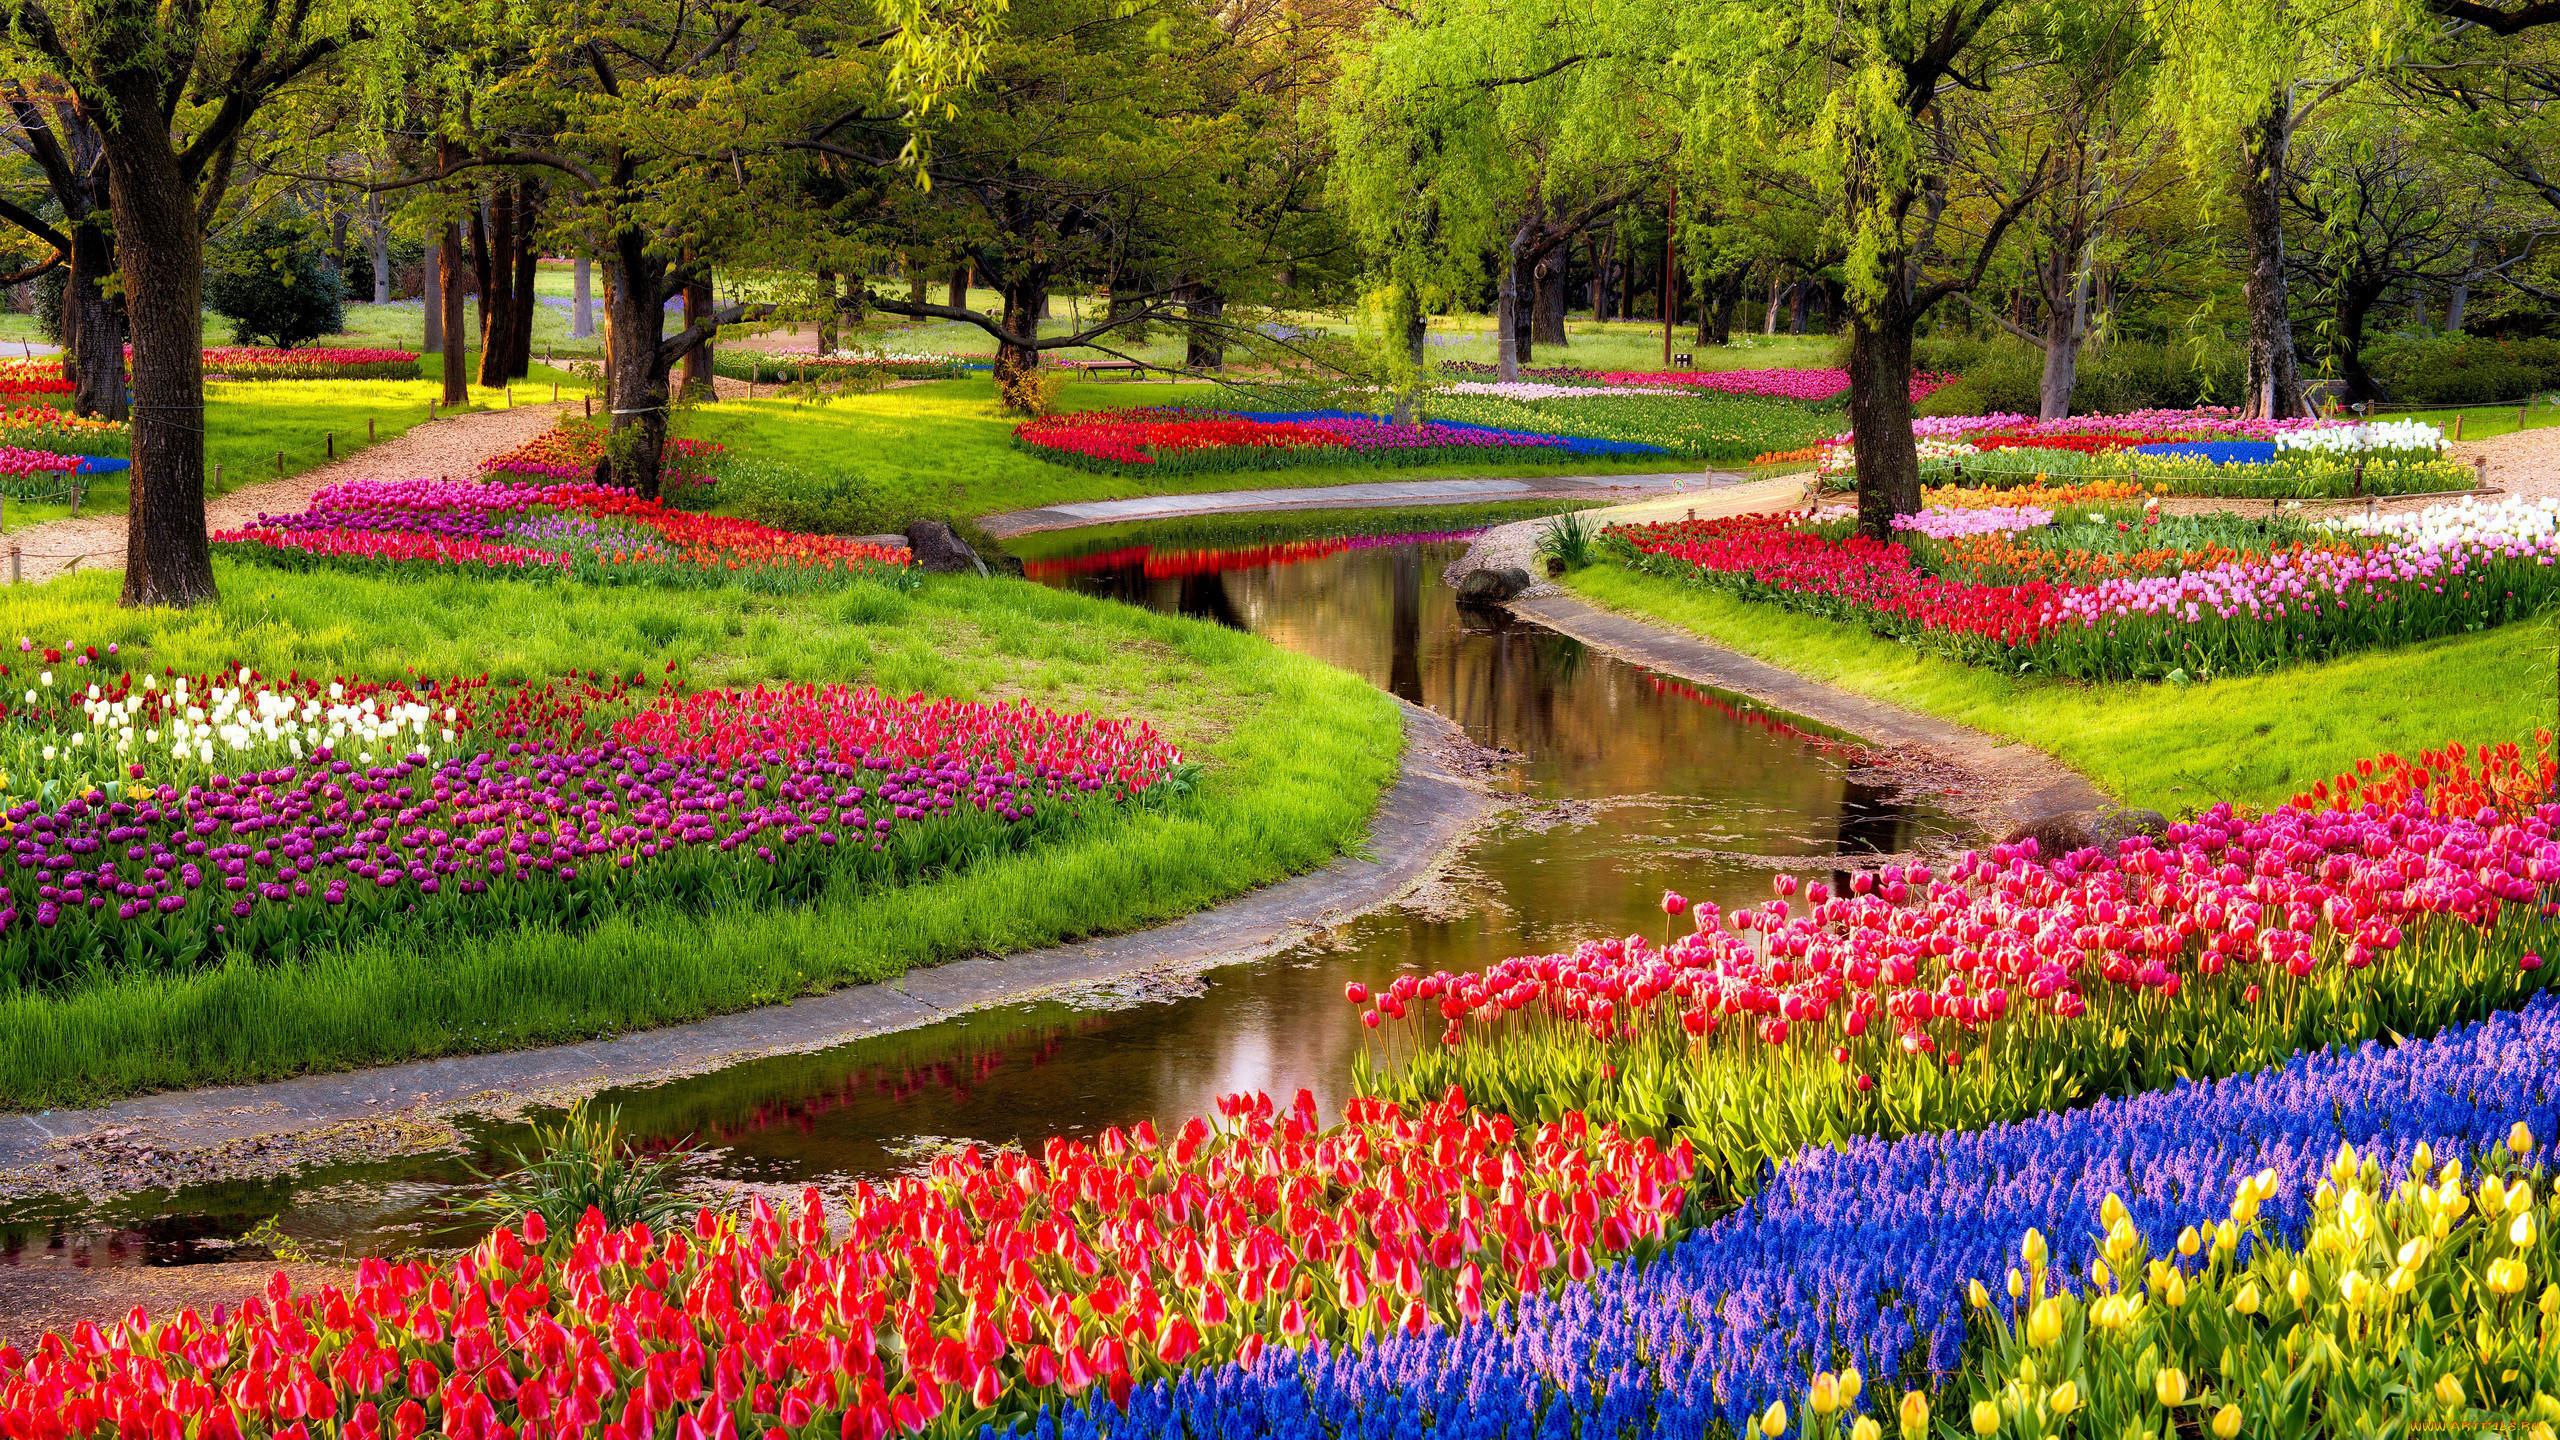 гораздо картинка красота весны окружающий мир человек когда-то